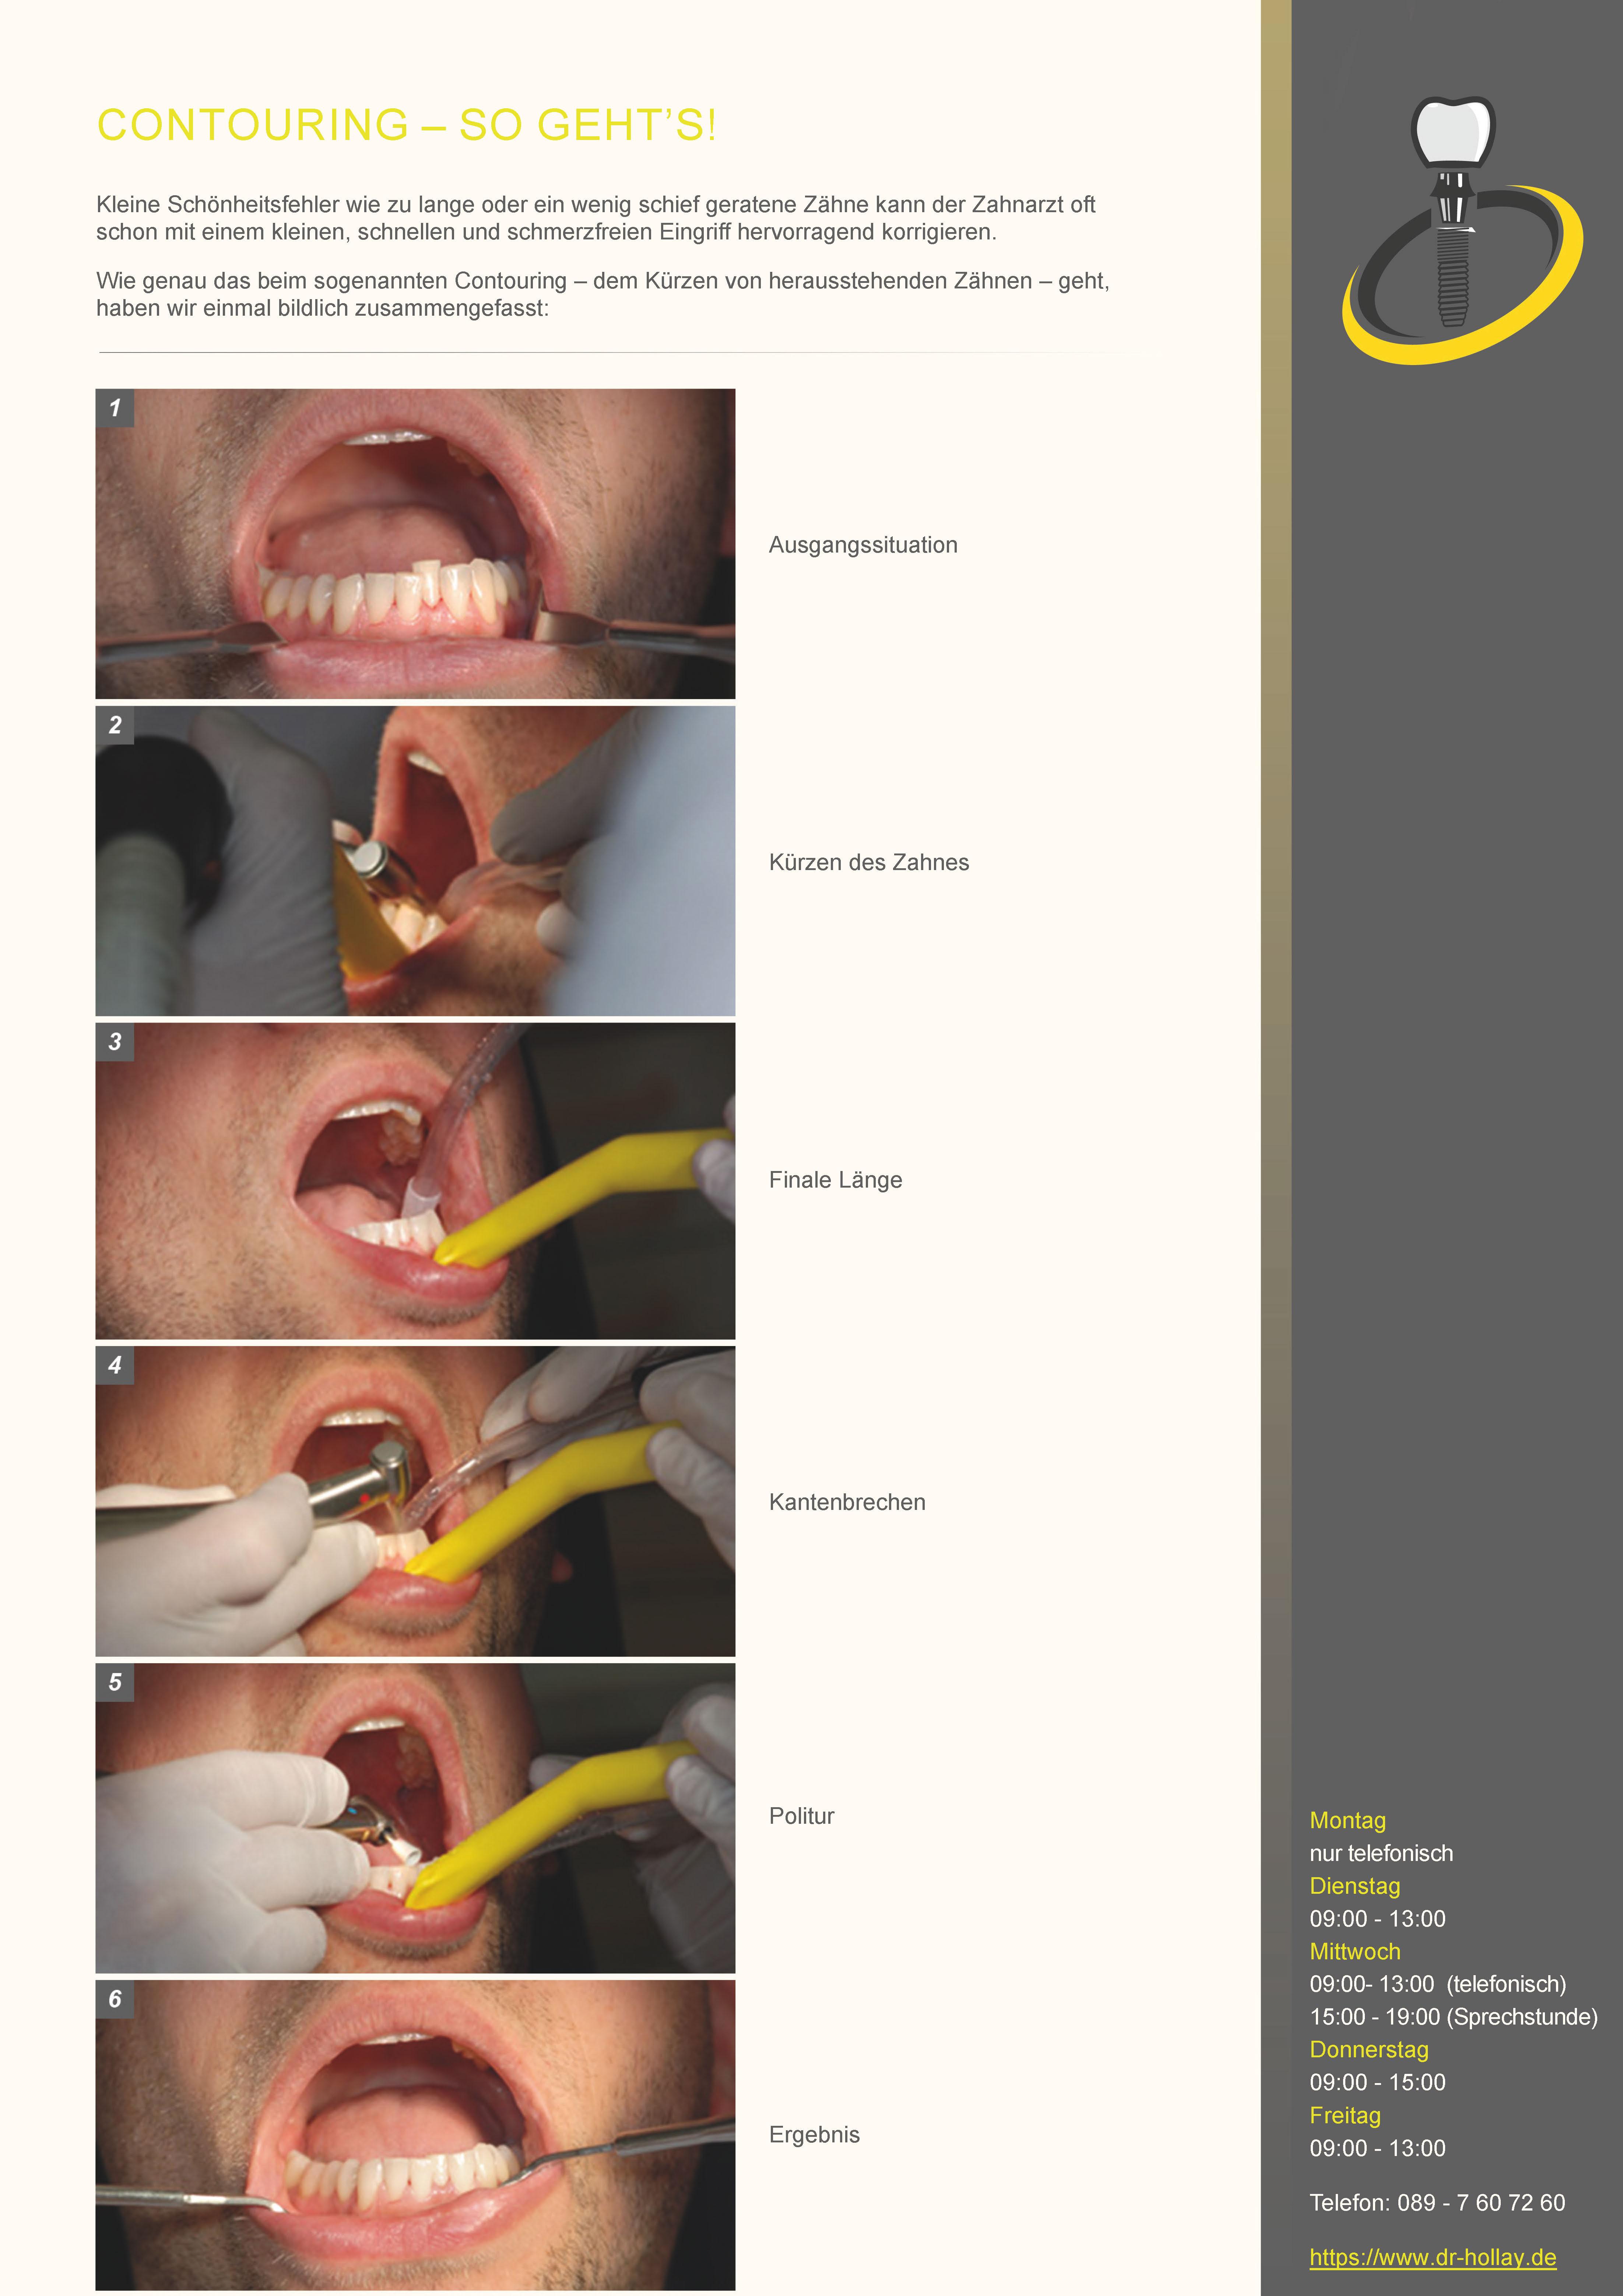 Contouring beim Zahnarzt